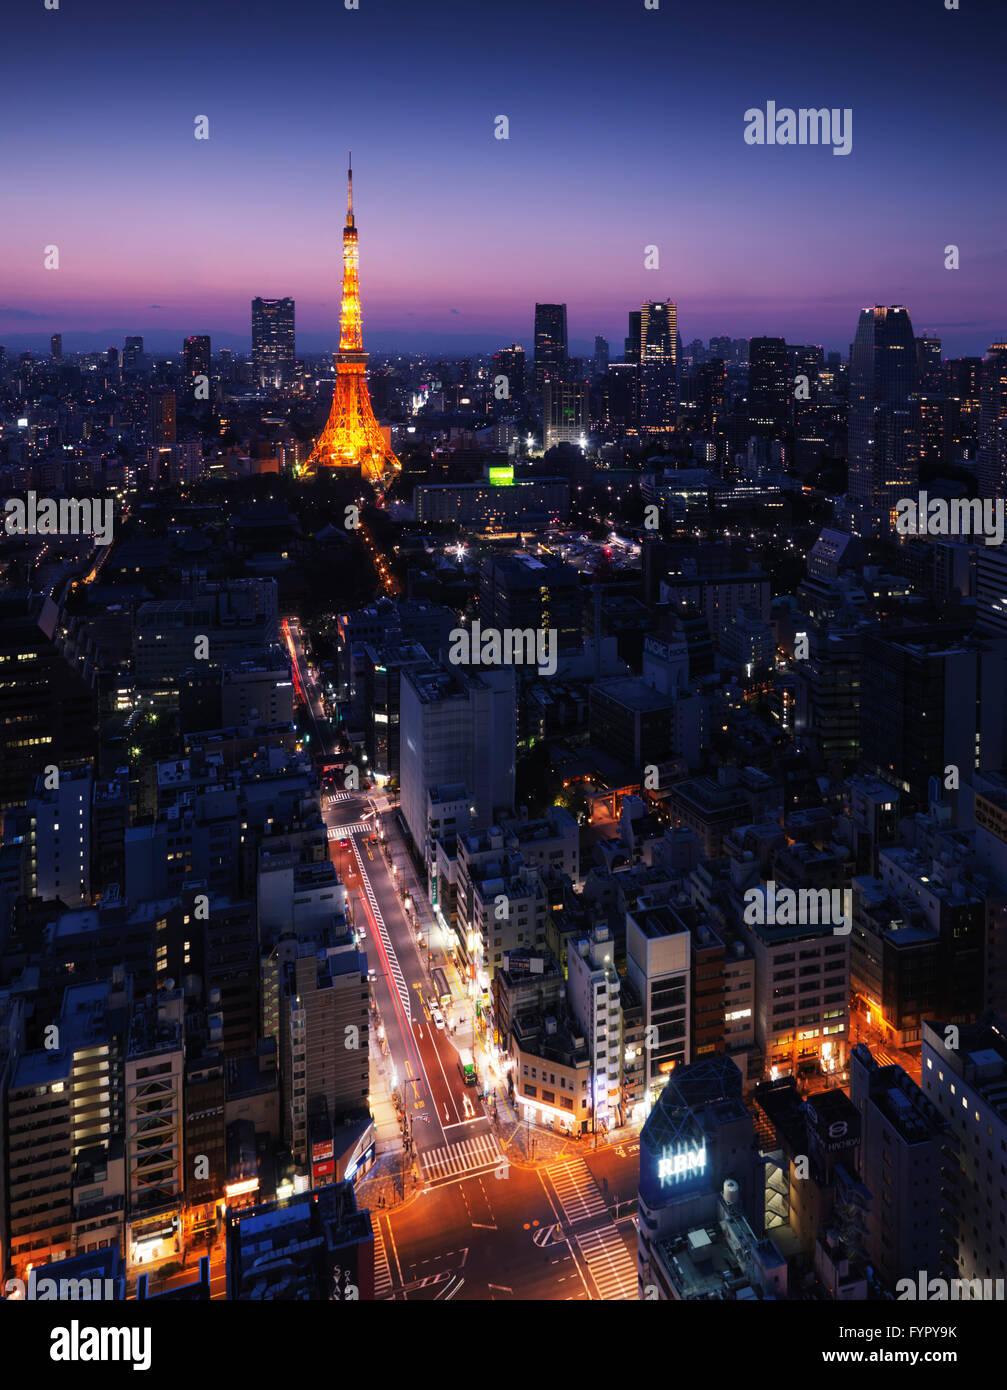 Stadtbild mit Tokyo Tower beleuchtet in der Dämmerung, Minato, Tokio, Japan Stockbild